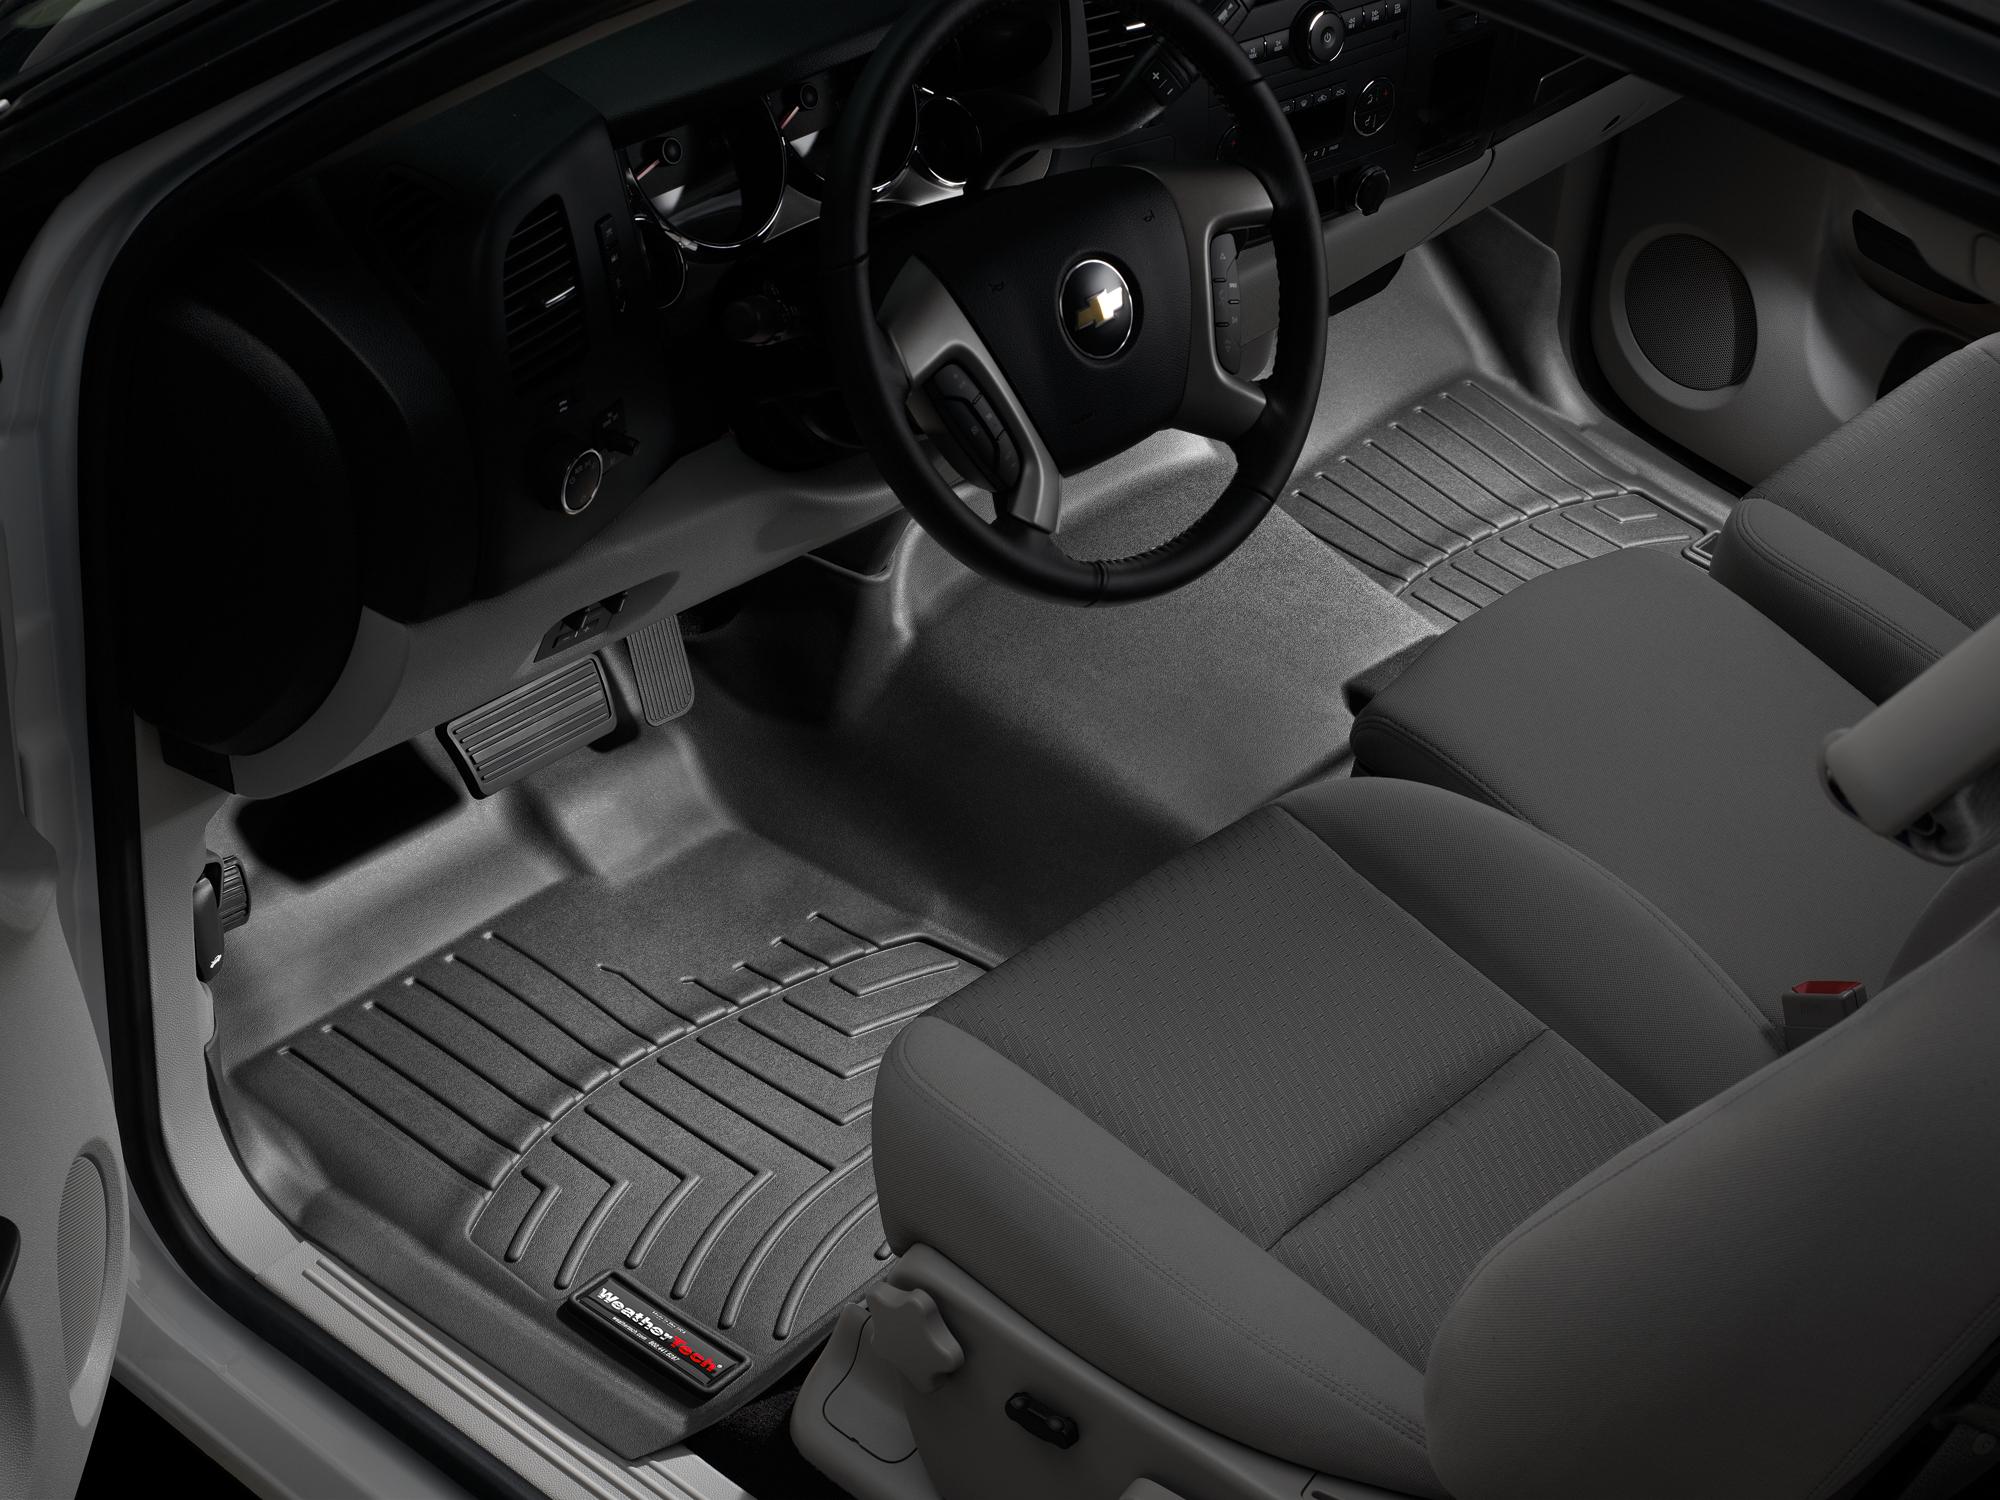 Tappeti gomma su misura bordo alto Chevrolet Silverado 14>14 Nero A189